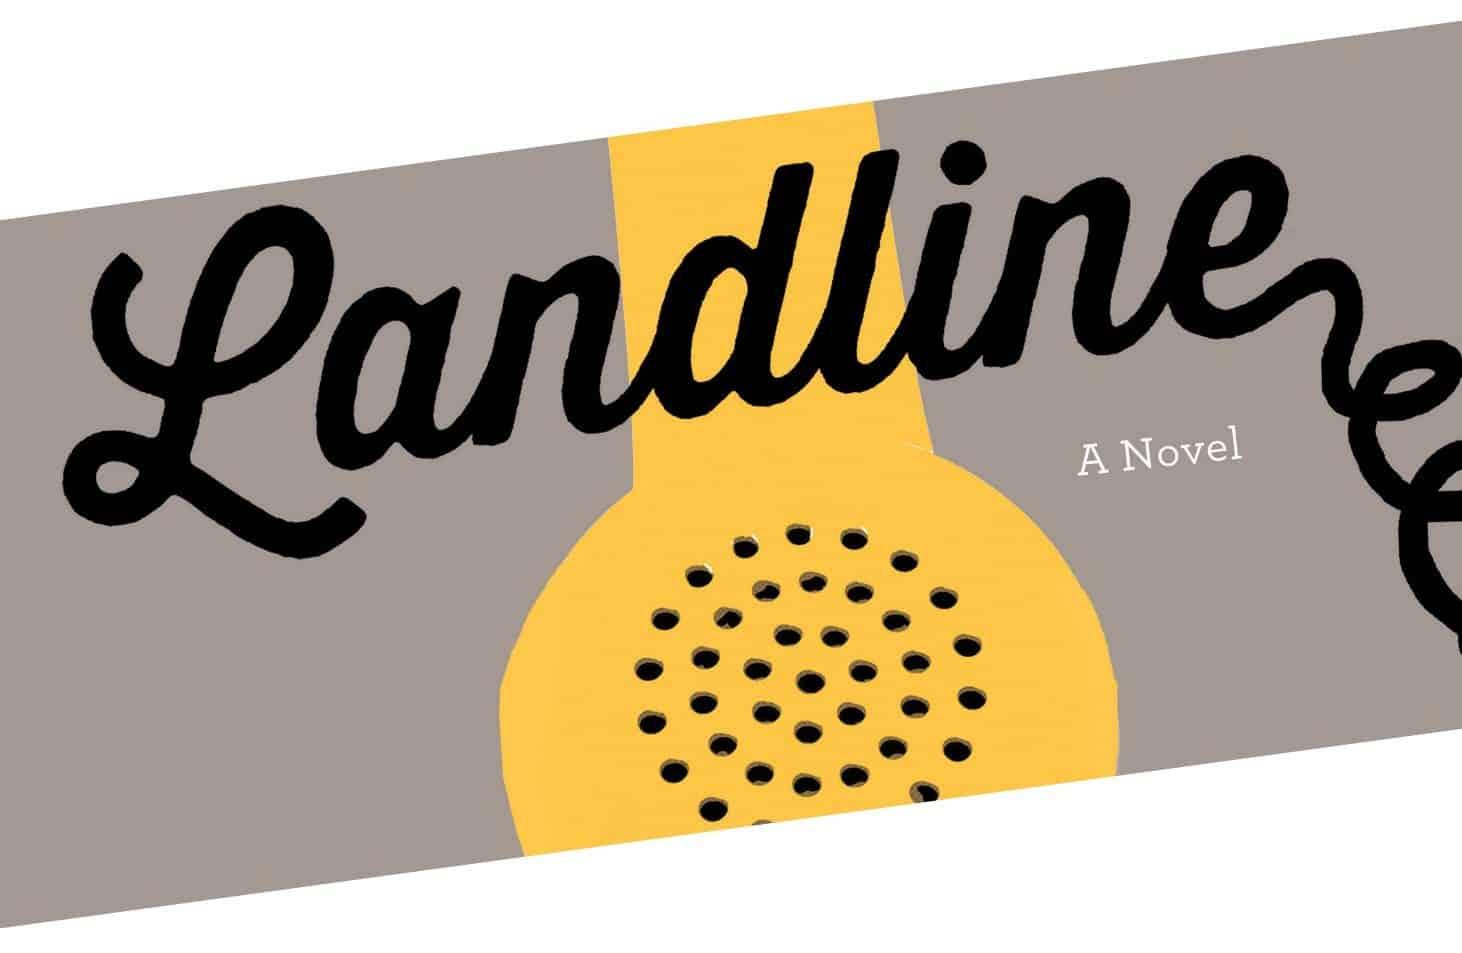 landline image